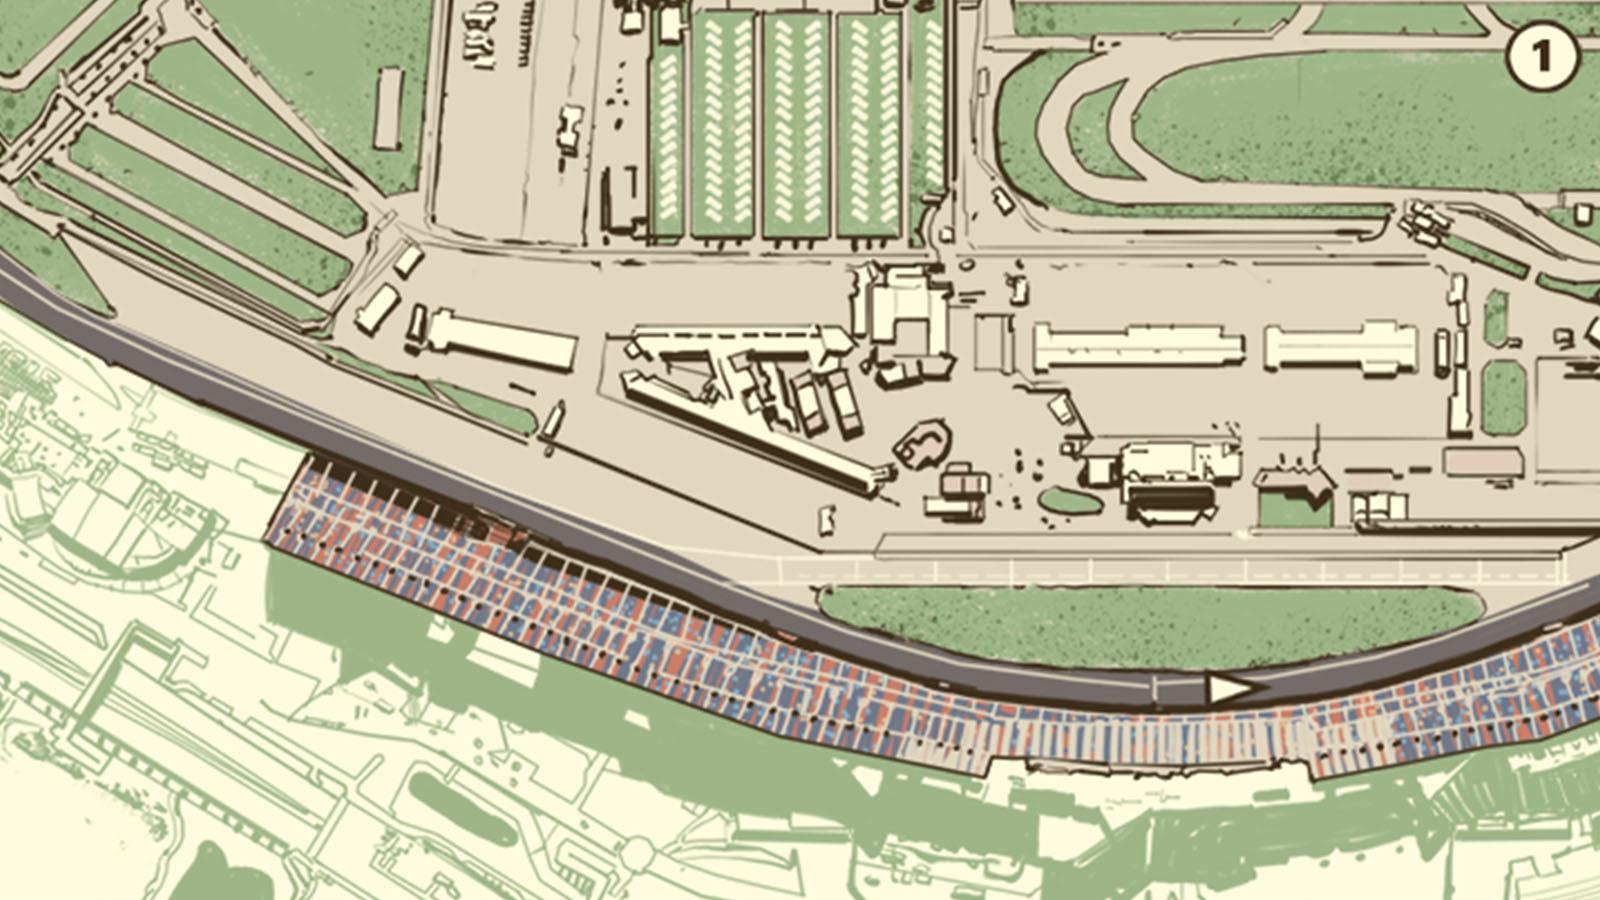 Porsche - Section 1